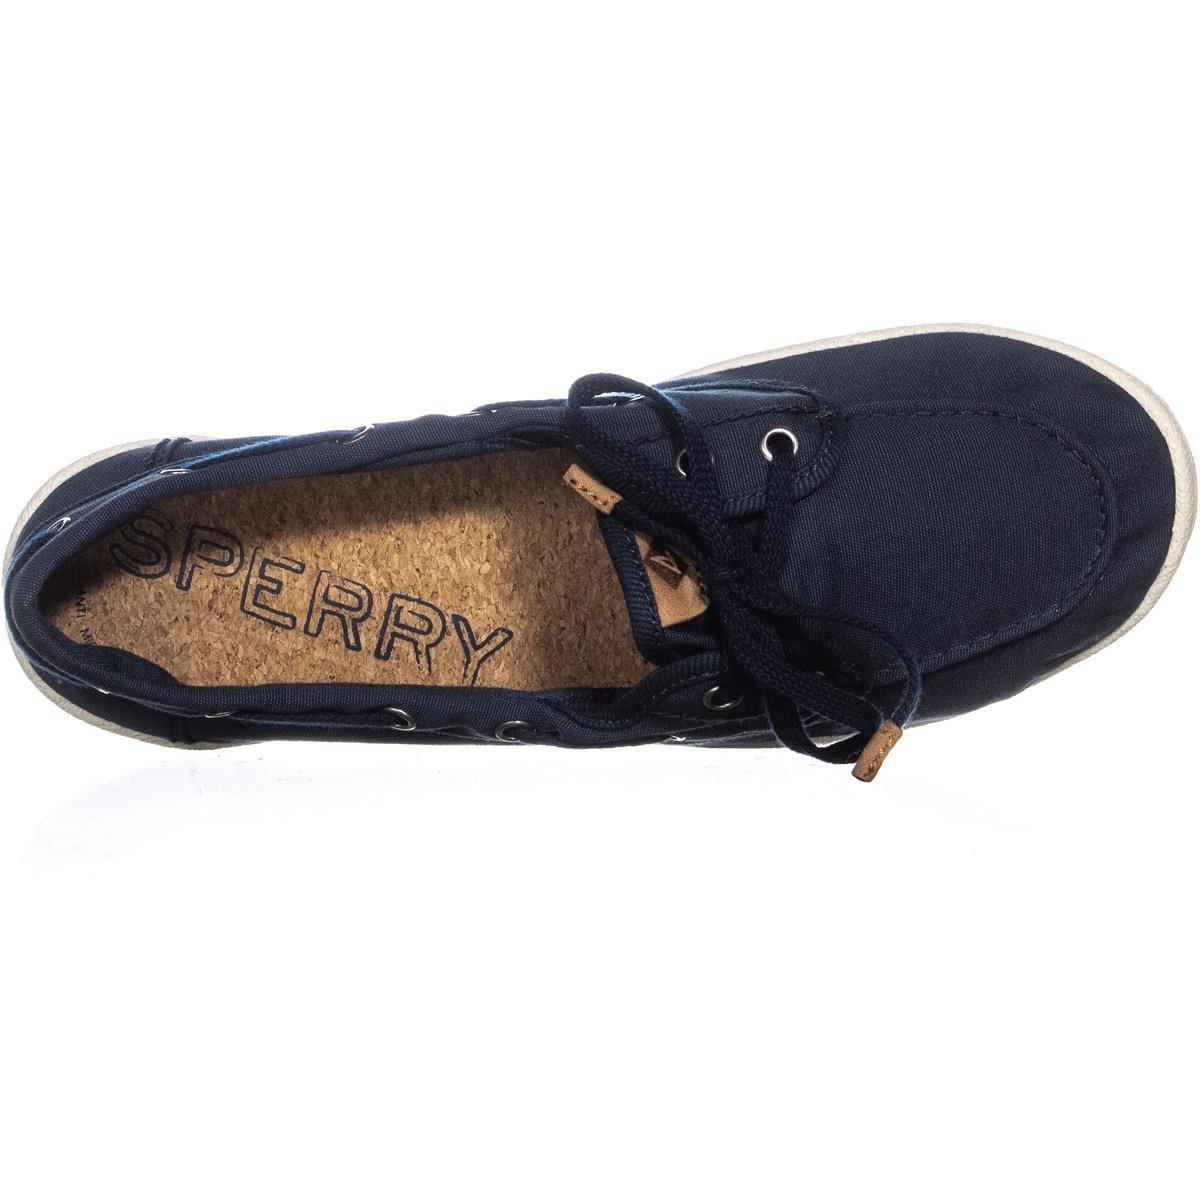 5275425ca36 sperry superior - sider deriva encaje arriba barco zapatos. Cargando zoom.